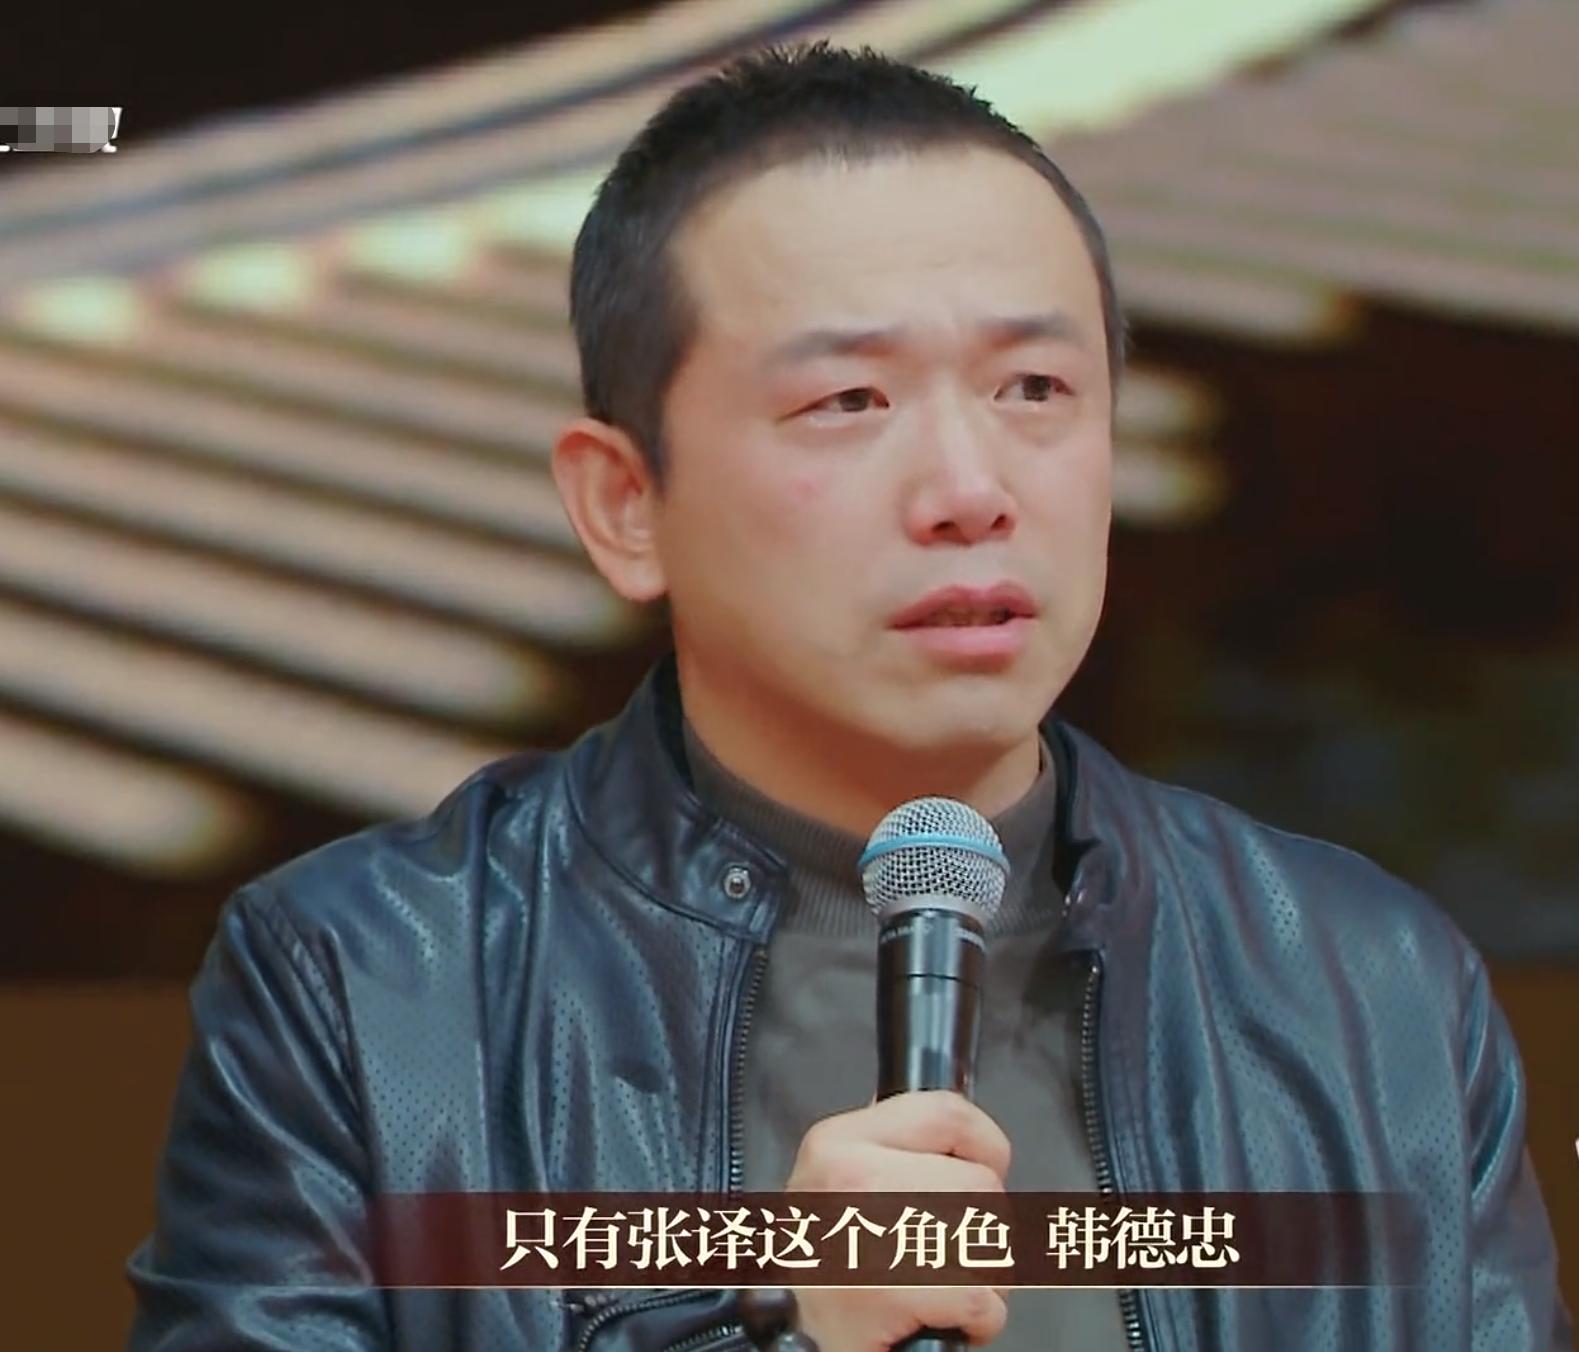 章子怡爆料演员酗酒不背台词,三条件锁定老戏骨,两人演过父女